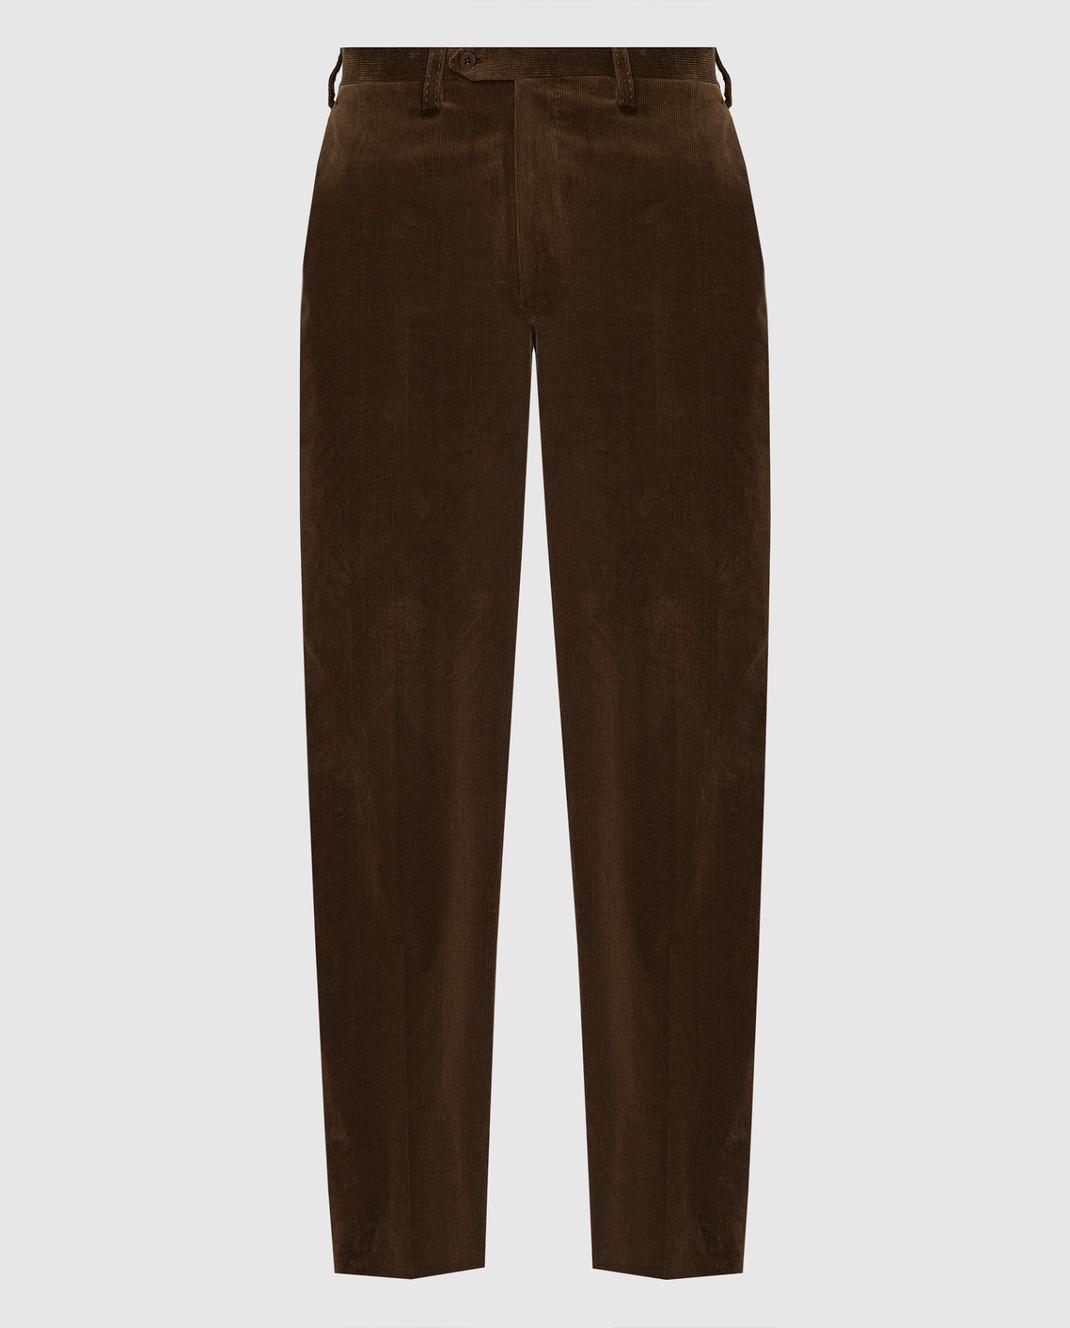 Stefano Ricci Коричневые брюки изображение 1